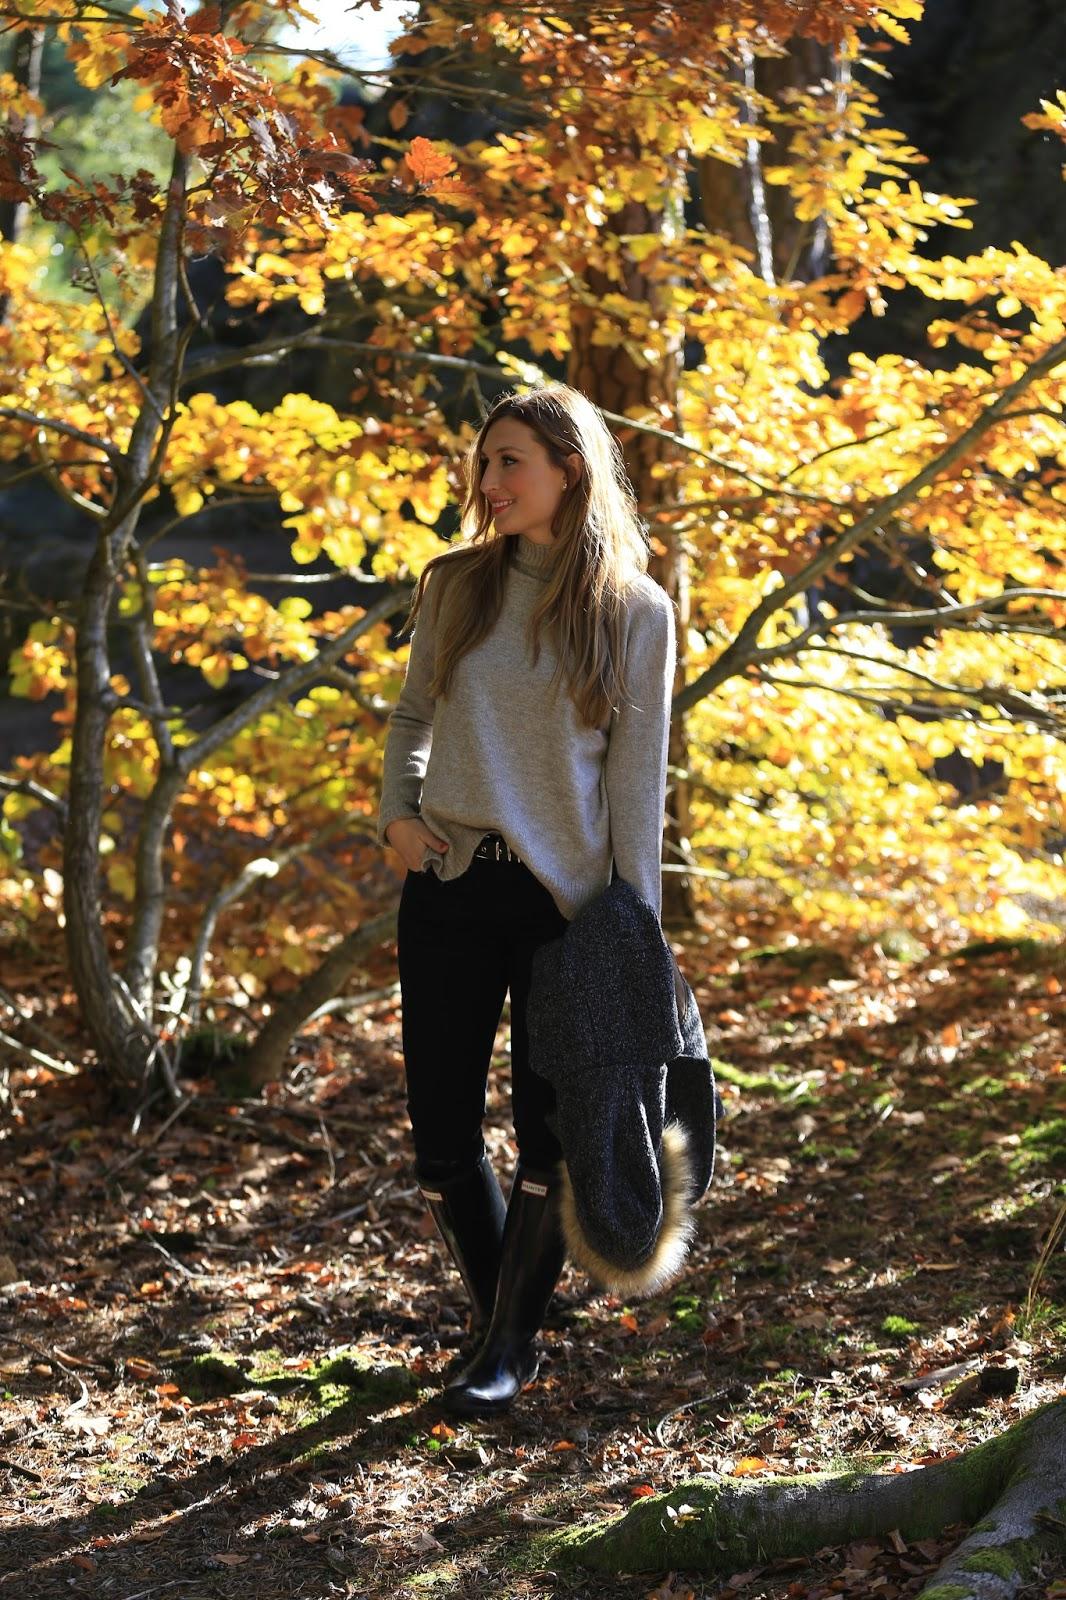 Fashionstylebyjohanna-Lifestylebloger-austriablogger-österreich-blogger-outdoorblogger-Jack Wolfskin